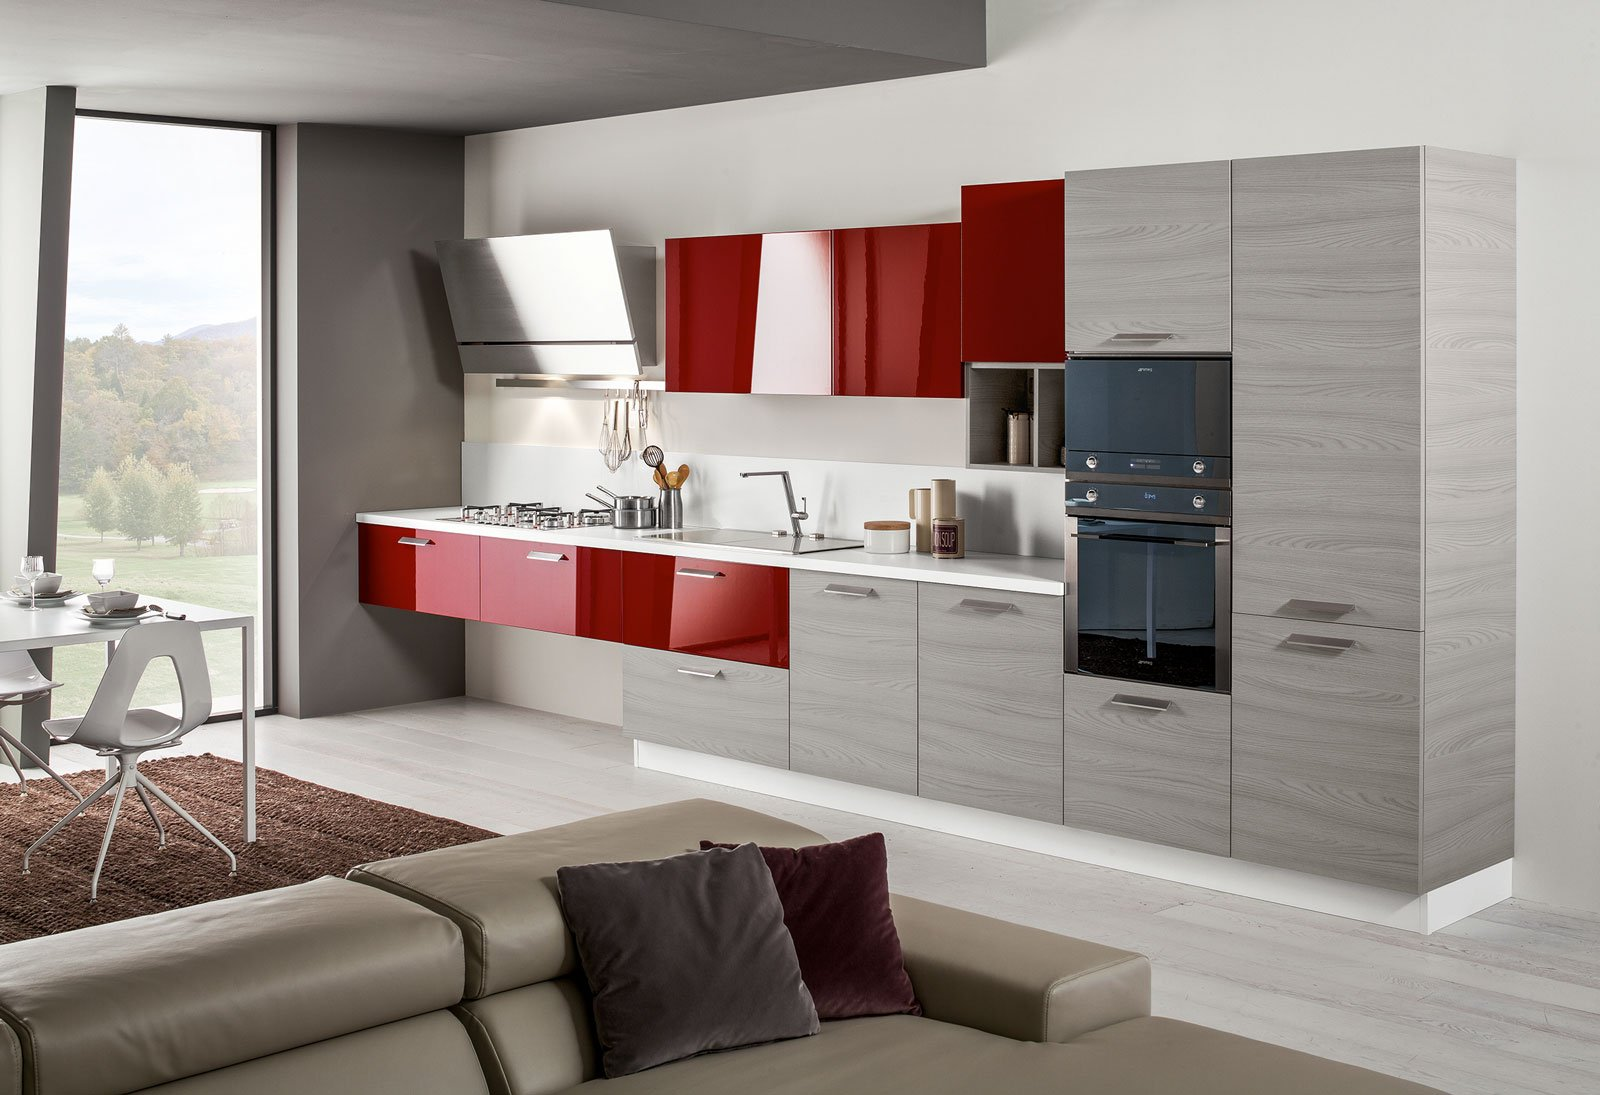 Cucine Moderne Funzionali : Cucine piccole: composizioni compatte ...